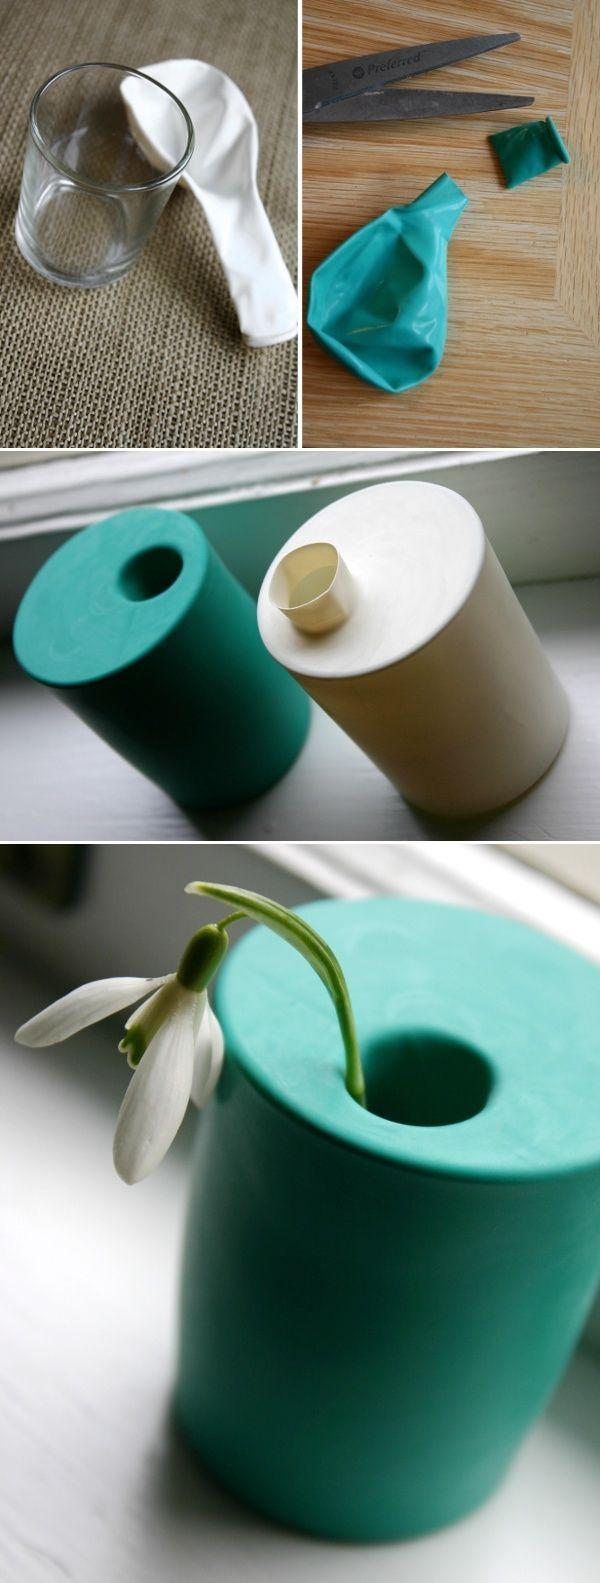 DIY mini vase diy crafts craft ideas easy crafts diy ideas diy idea diy home diy vase easy diy for the home crafty decor home ideas diy decorations #CroscillSocial